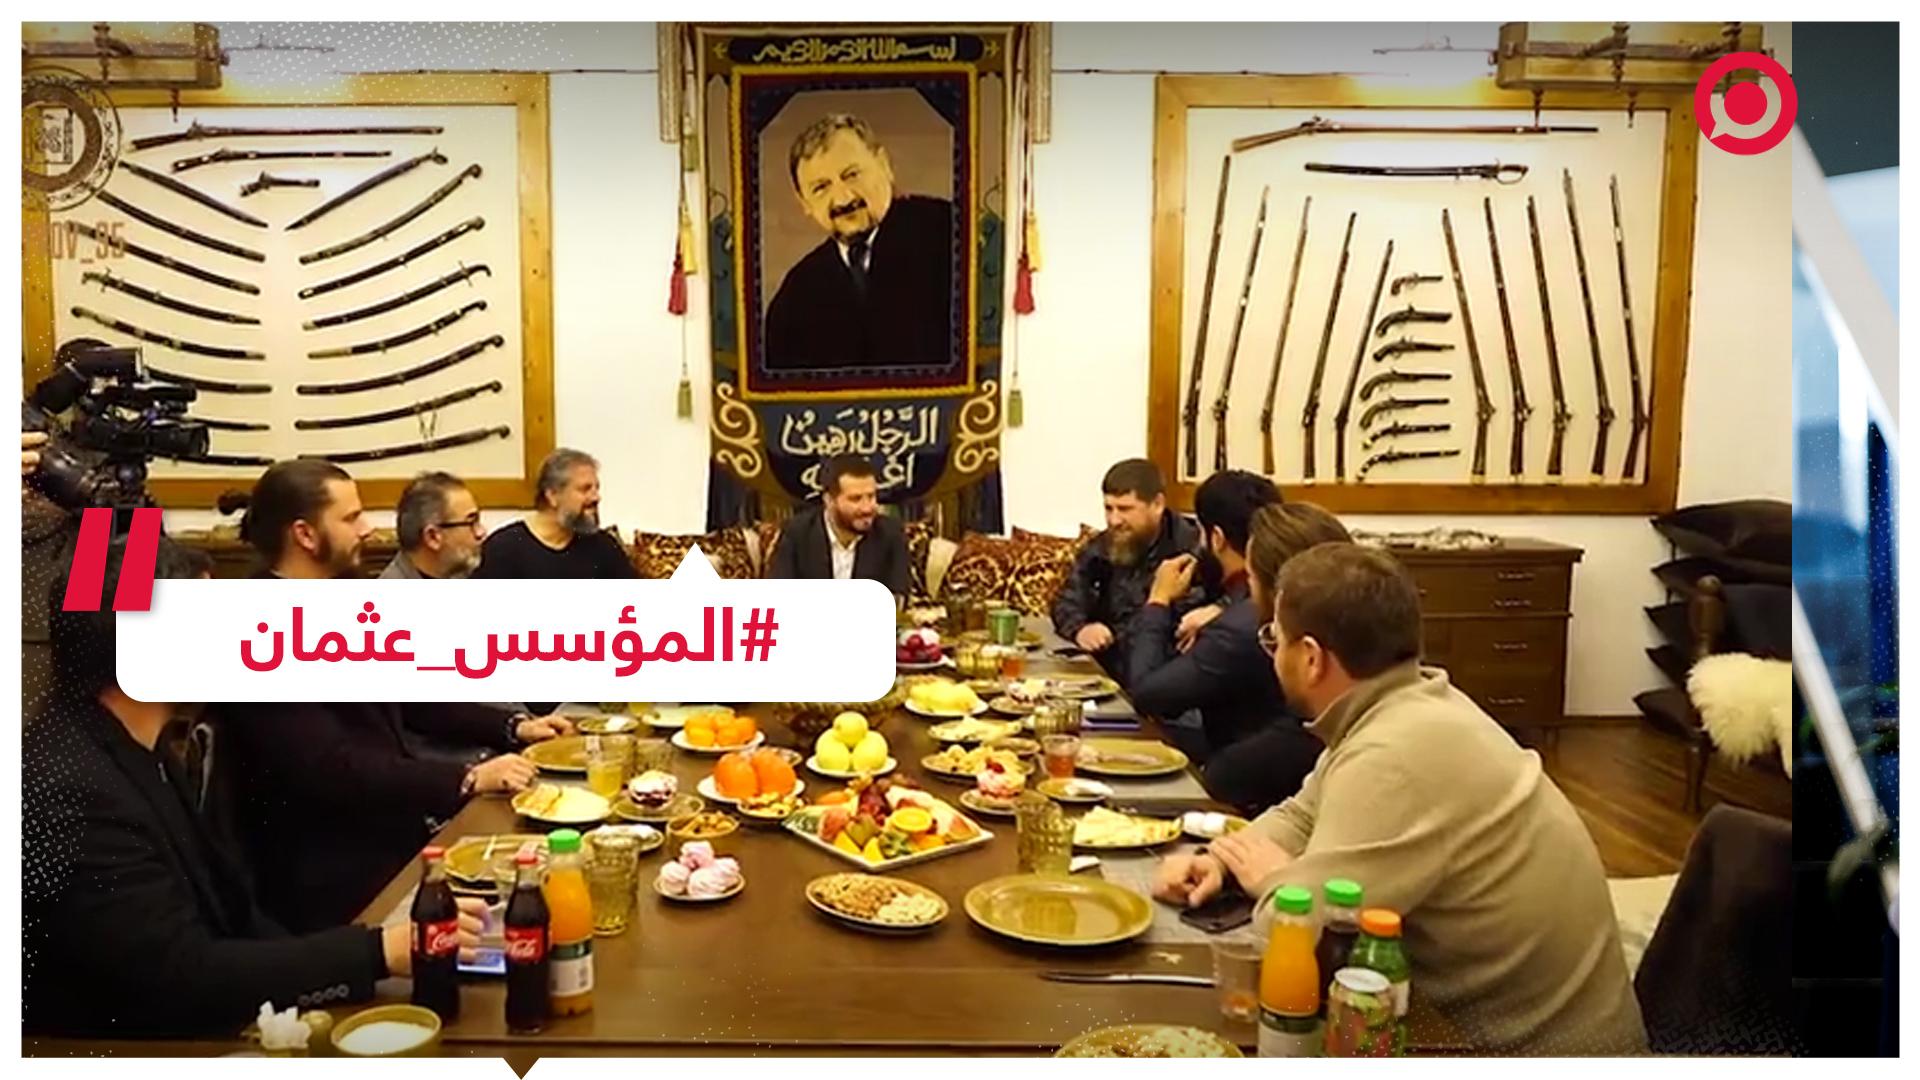 المؤسس عثمان بن أرطغرل ومقاتليه في ضيافة رمضان قديروف